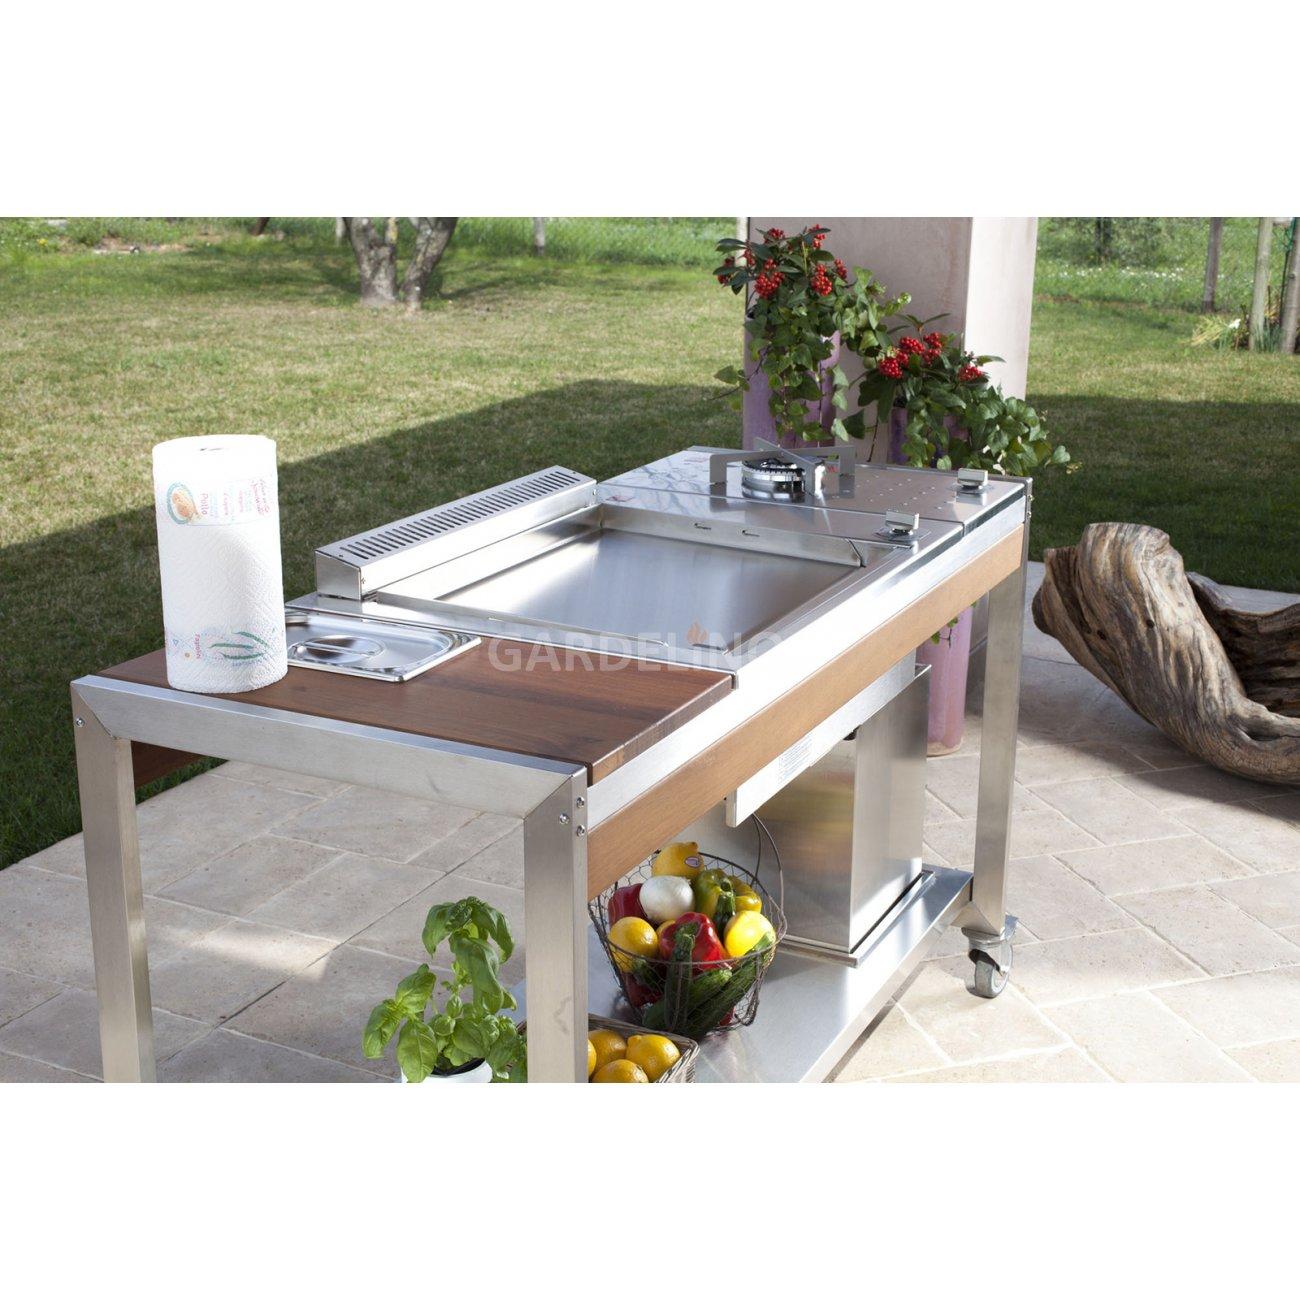 mobiler edelstahl tisch oasi 1400 von. Black Bedroom Furniture Sets. Home Design Ideas